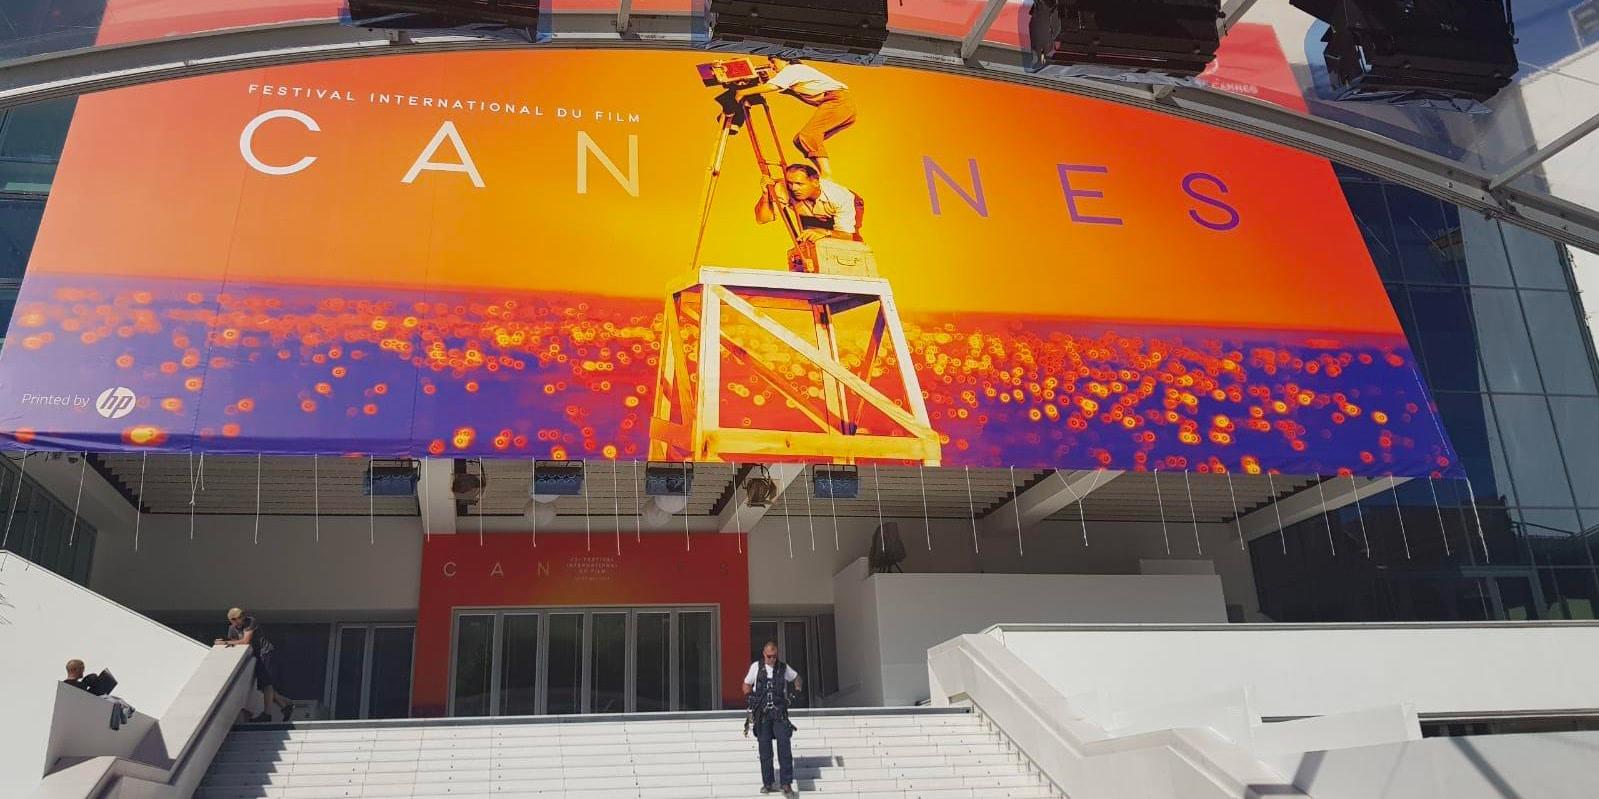 La sociéte H2O Pub a imprimé l'affiche monumentale du festival de Cannes 2019.